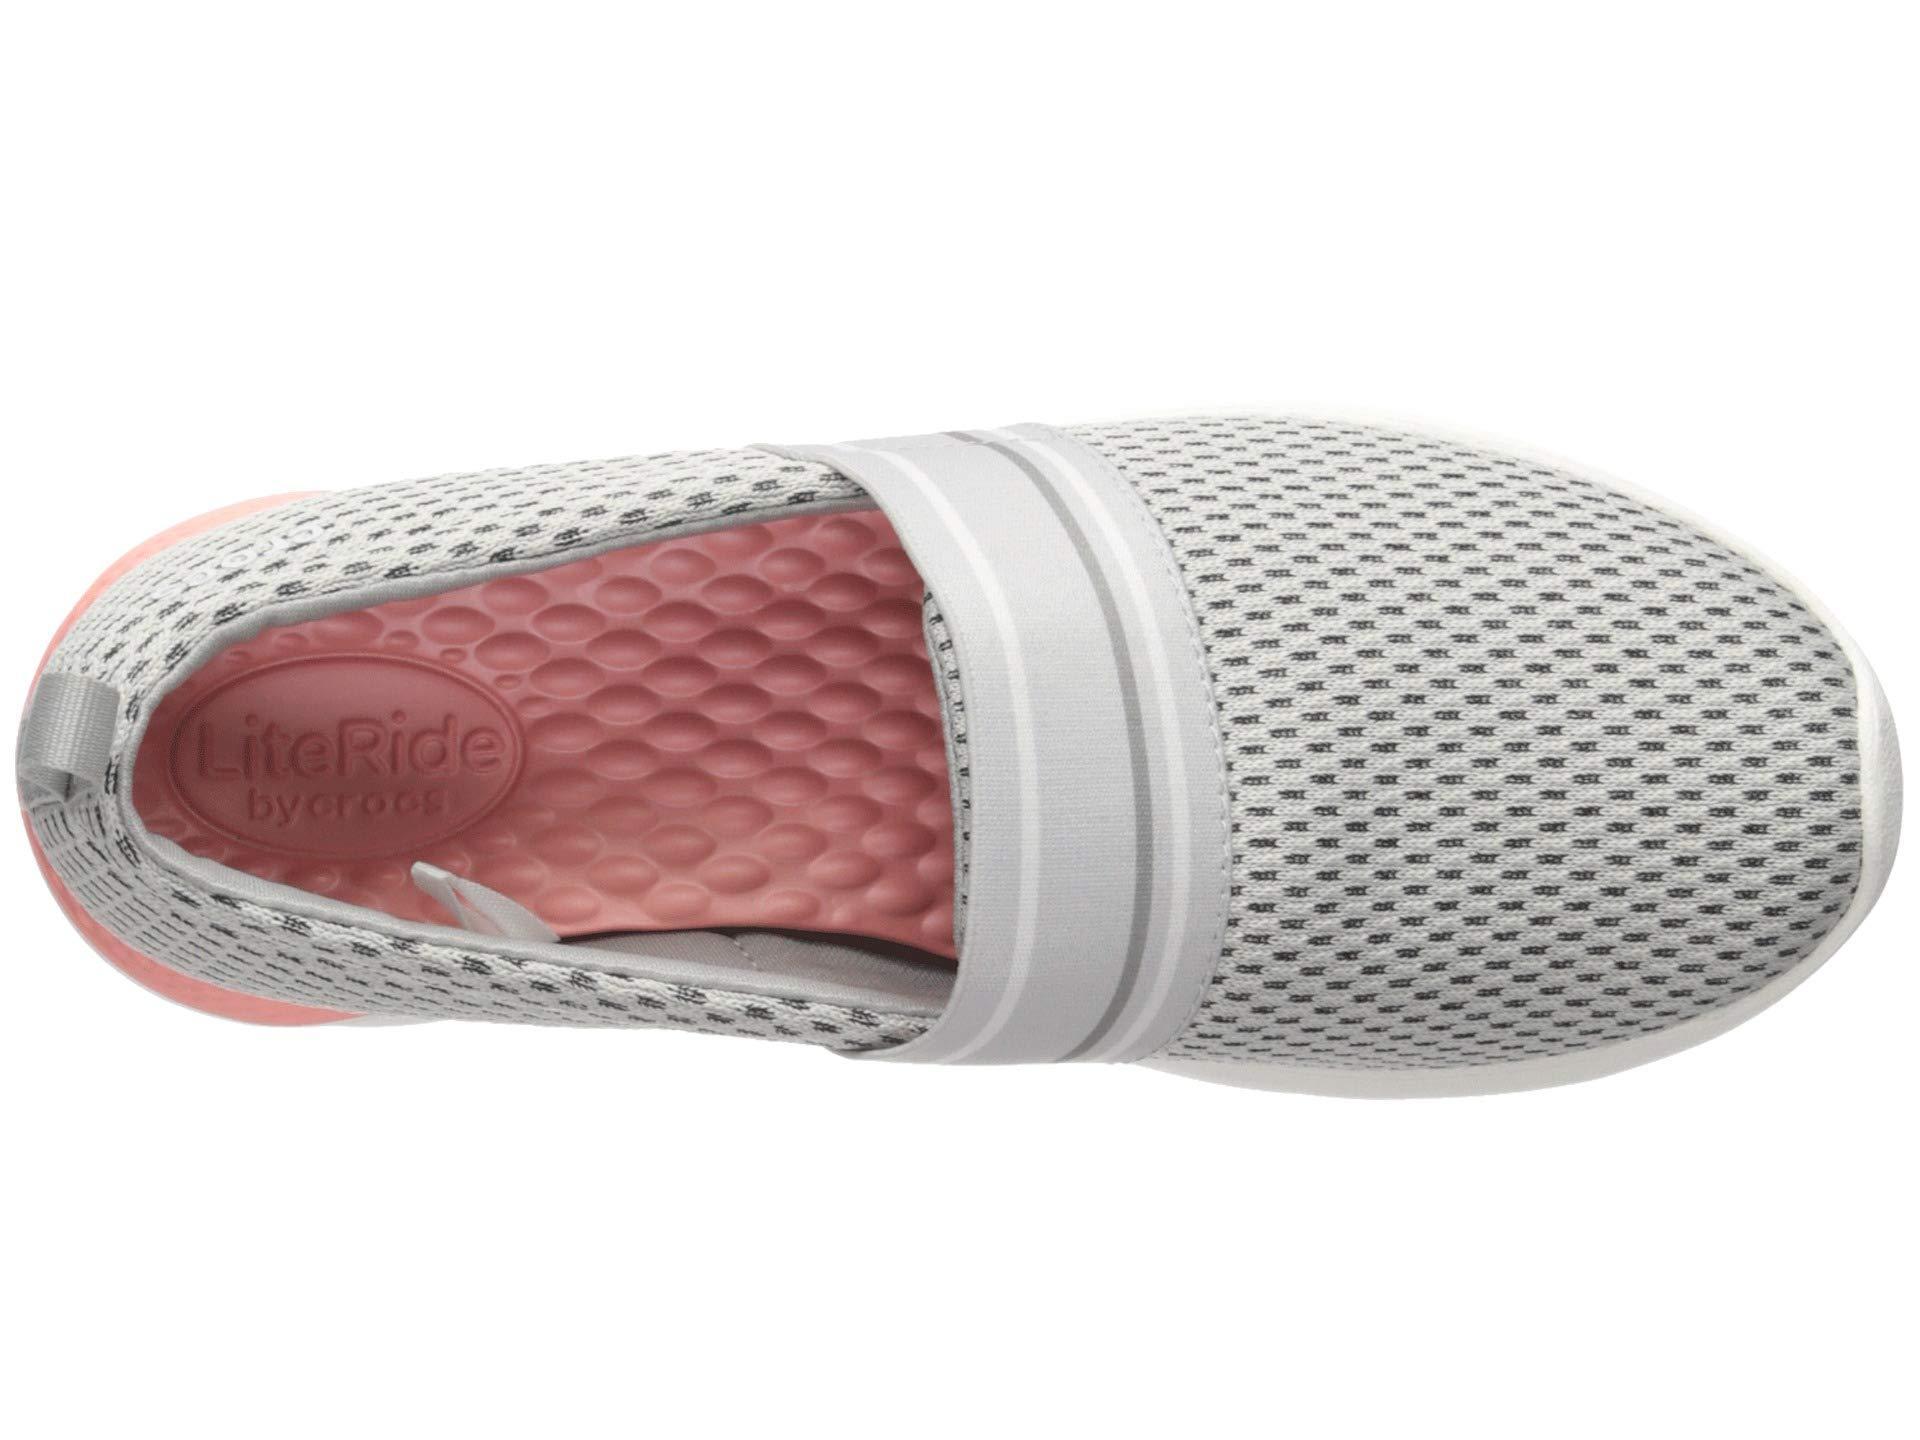 61ad4c85c650 Crocs™ - White Literide Mesh Slip-on Sneaker - Lyst. View fullscreen